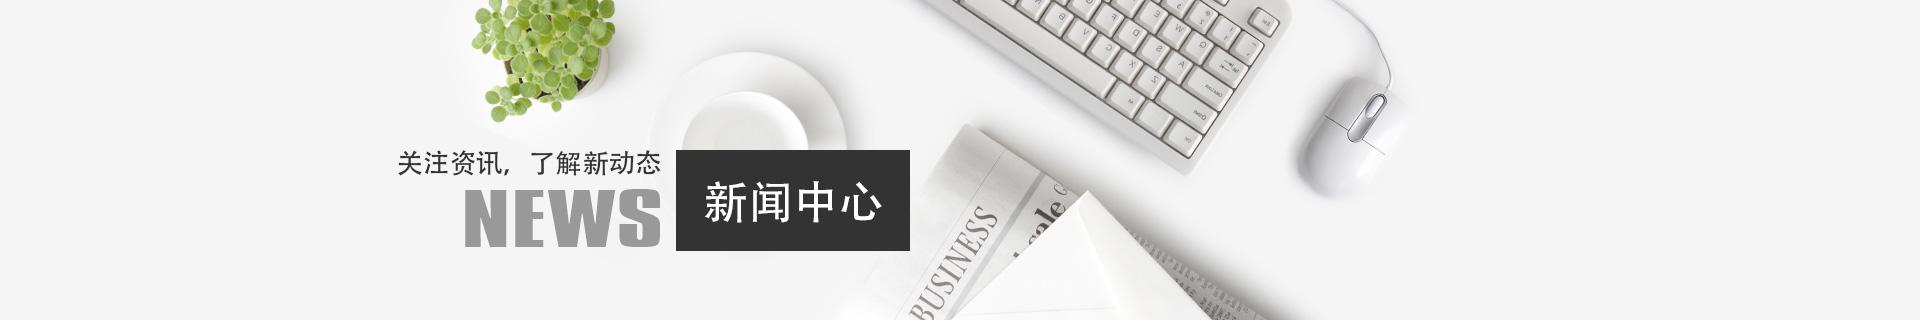 秋葵视频 app